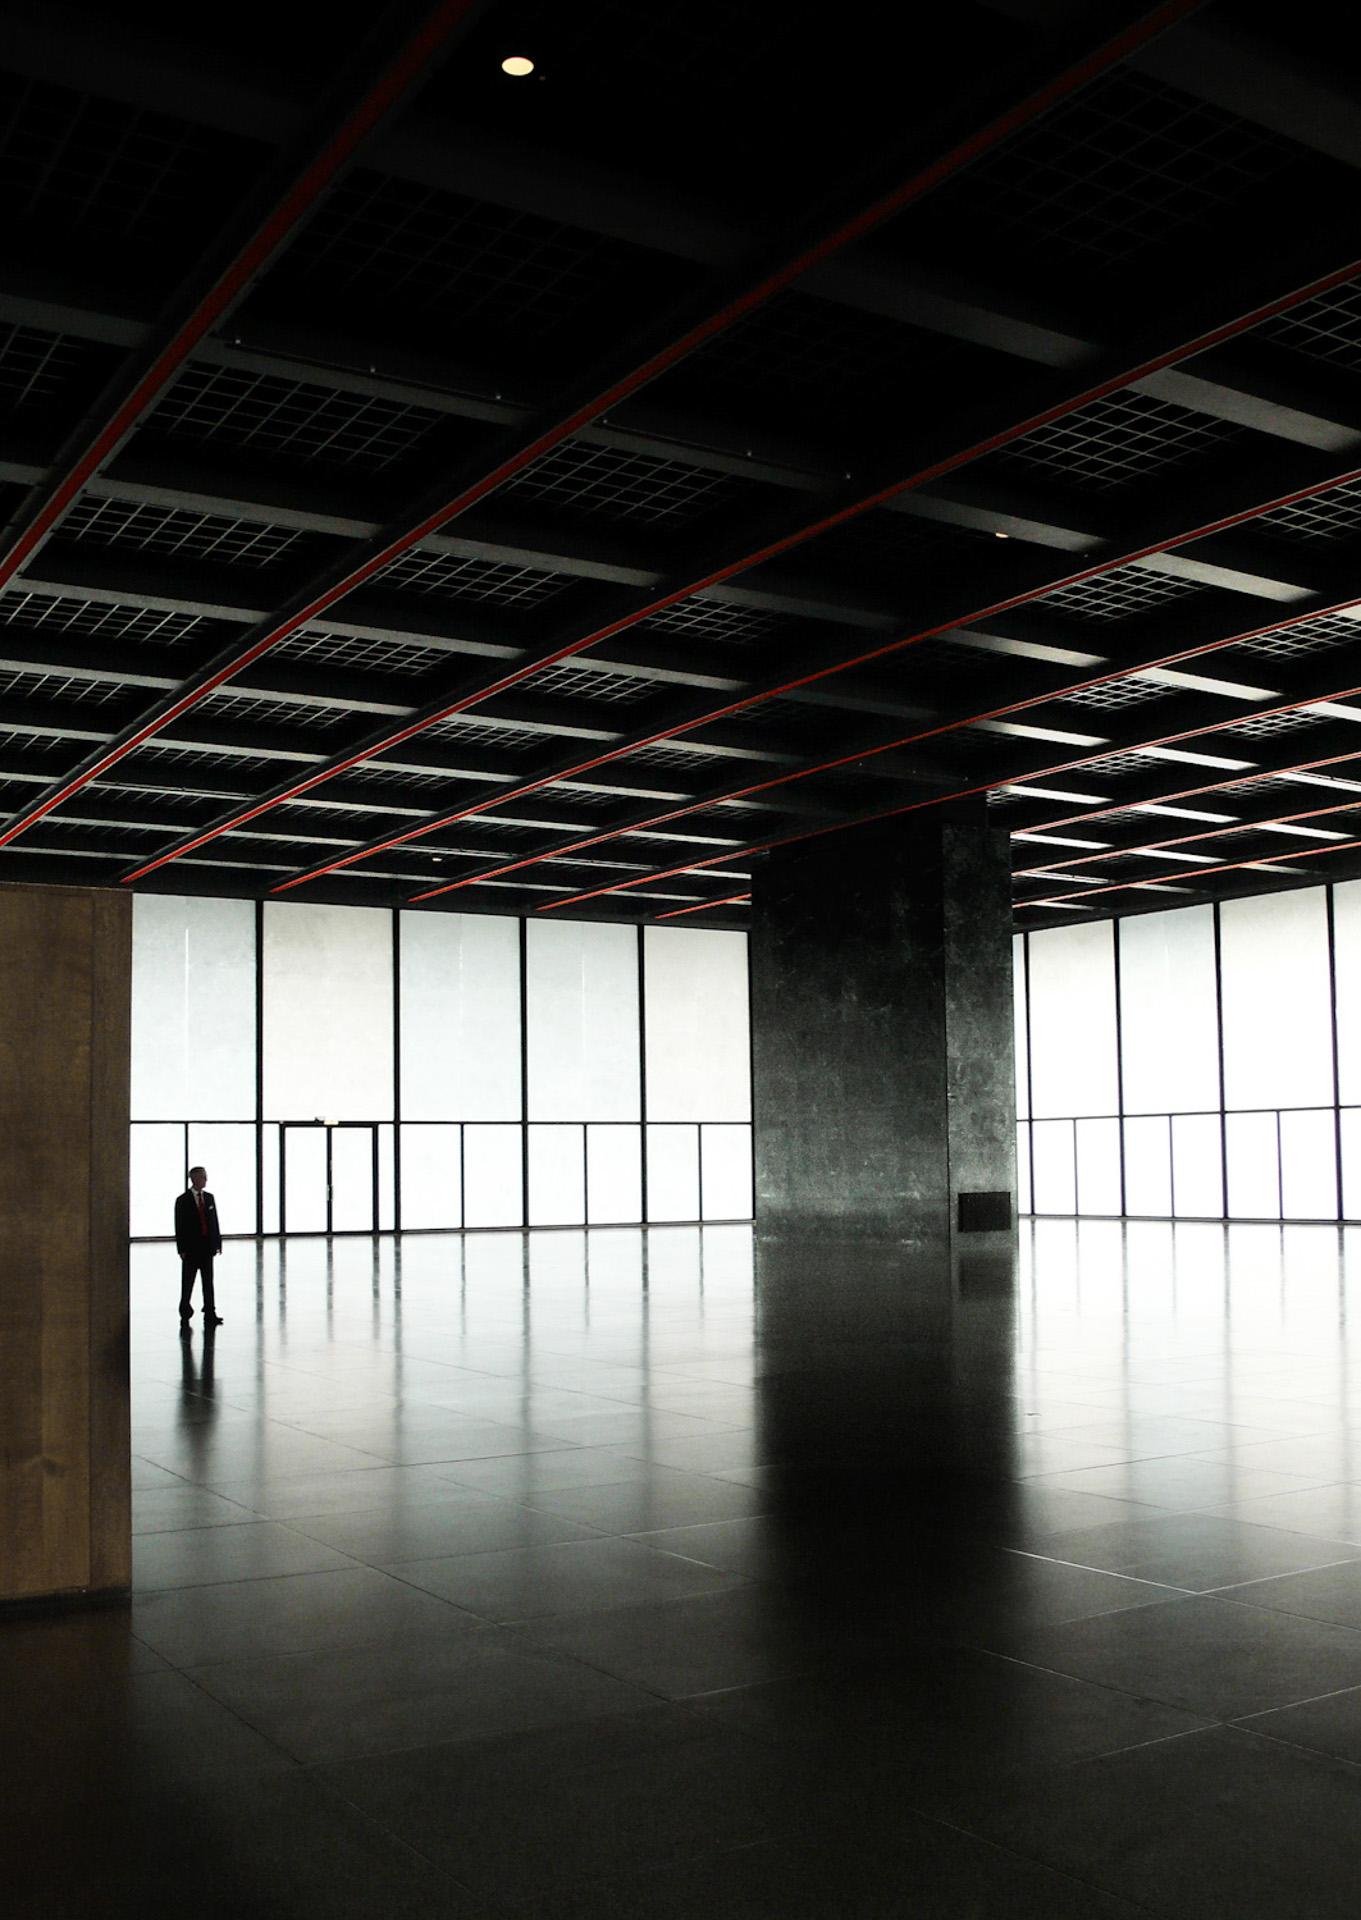 Andrea_Veneri_S.t.#02_2009_digital_print